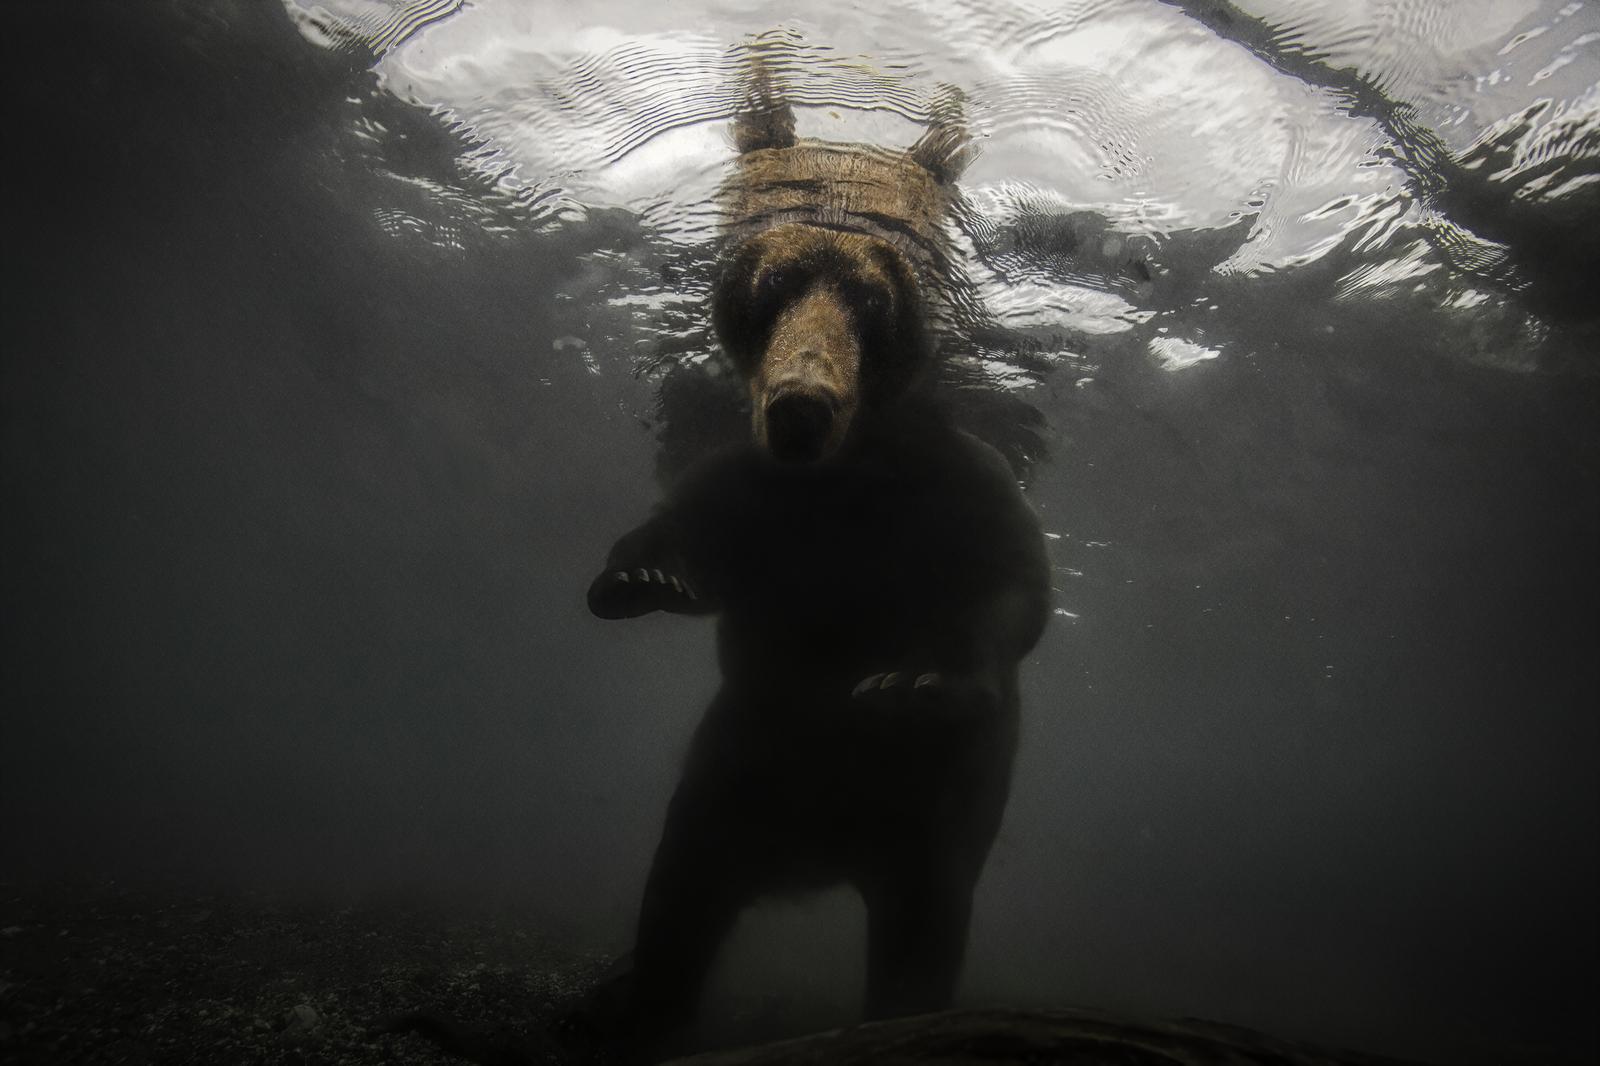 Brown Bear Underwater in Kamchatka